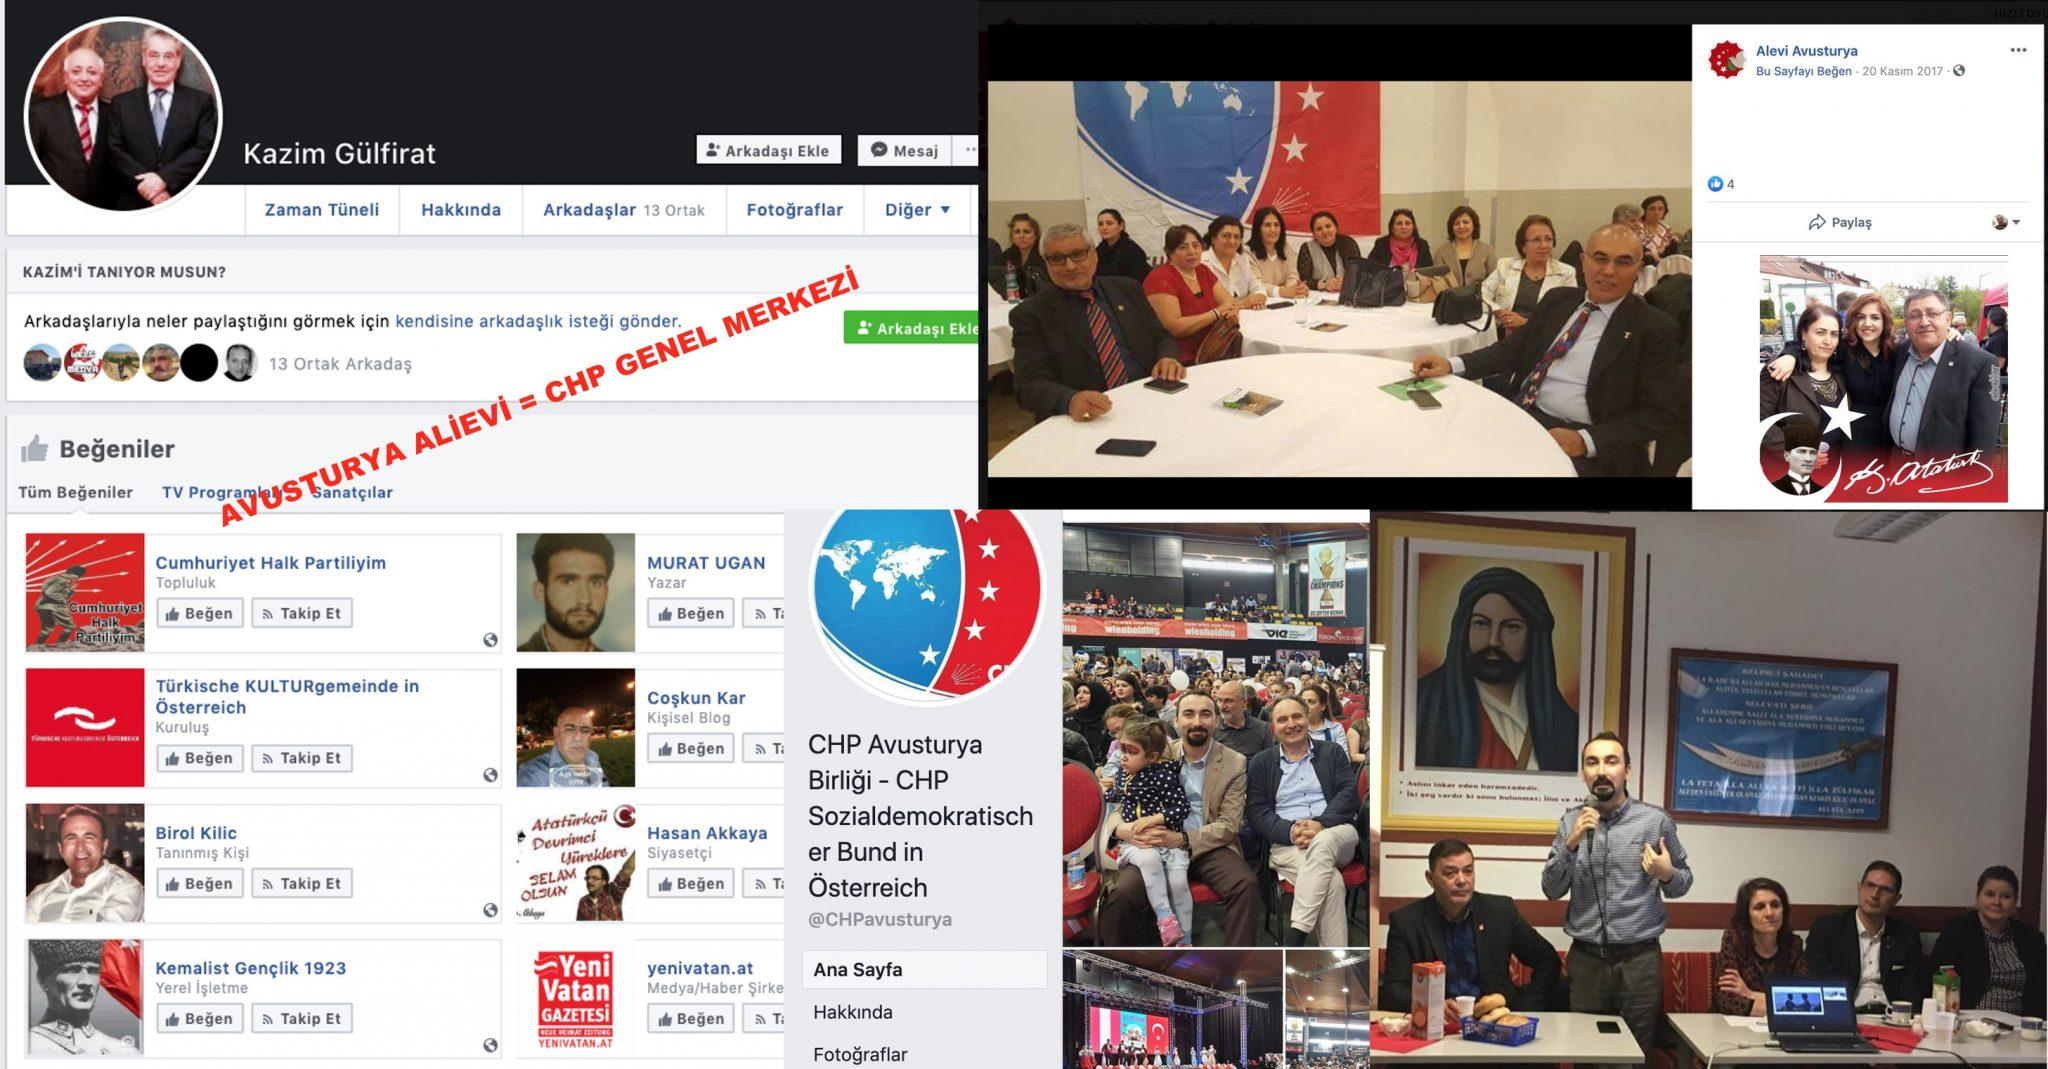 10 9 Avusturya Alevi islamcı Aleviler  DAB devrimci Aleviler Birliği chp avusturya alevi